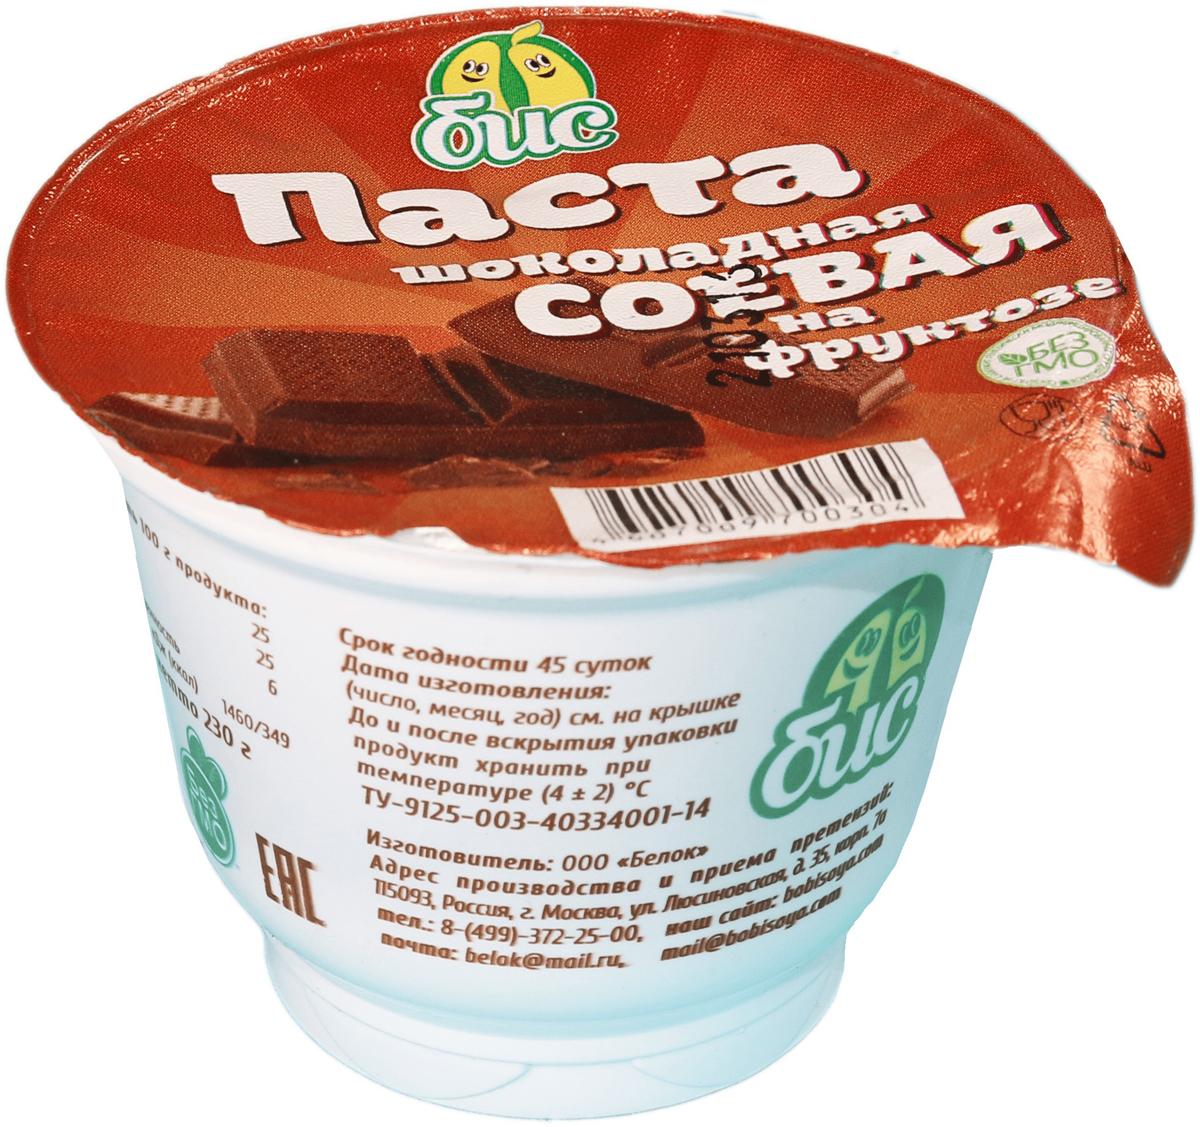 Боб и Соя Шоколадная паста соевая на фруктозе 25%, 230 г боб и соя крем соевый сметанный 10